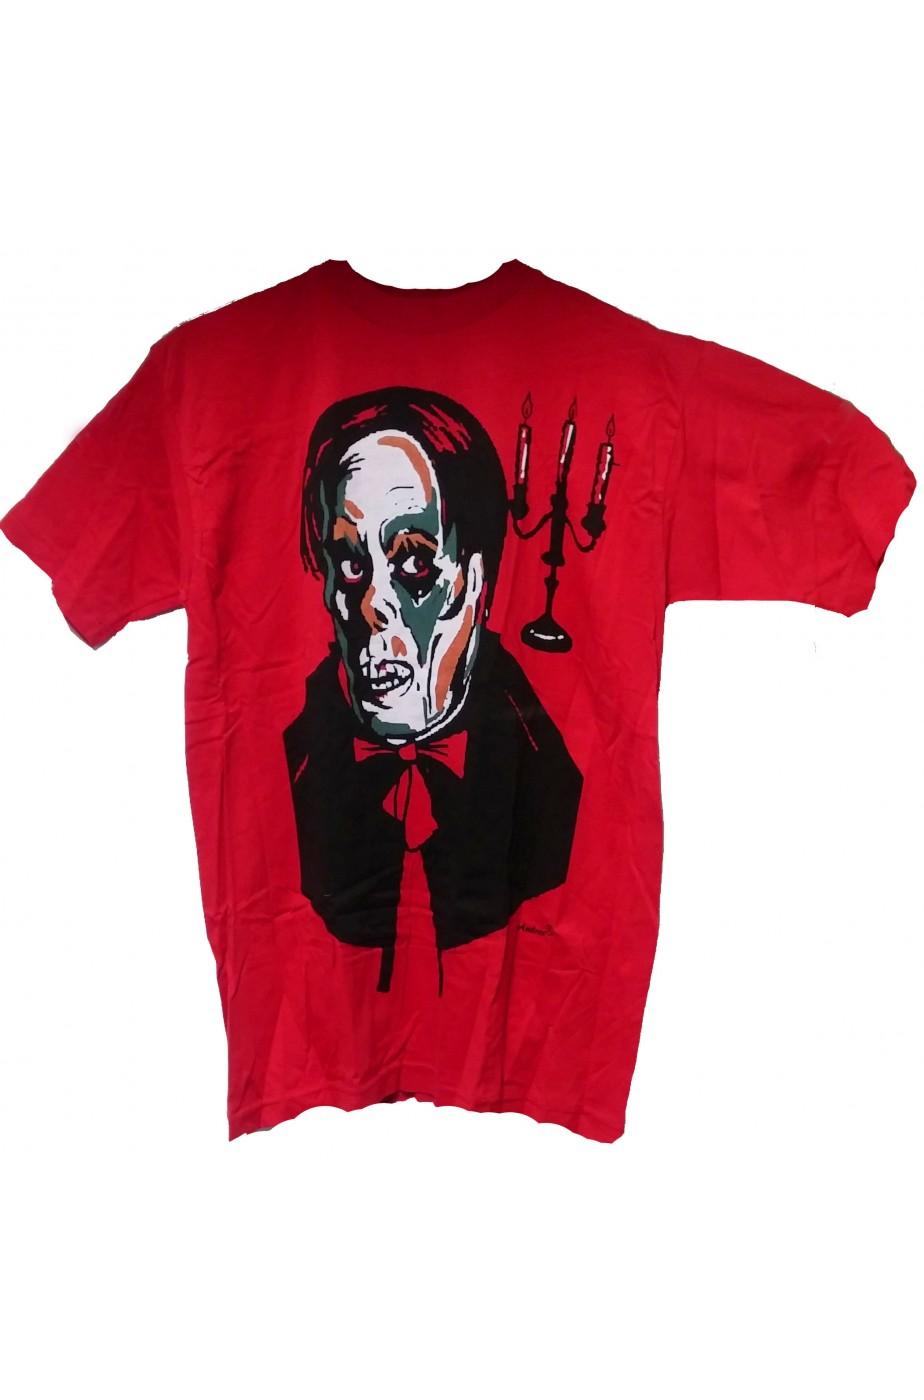 T-Shirt Halloween ideale per barman ed operatori di locali - il mostro. Taglia L